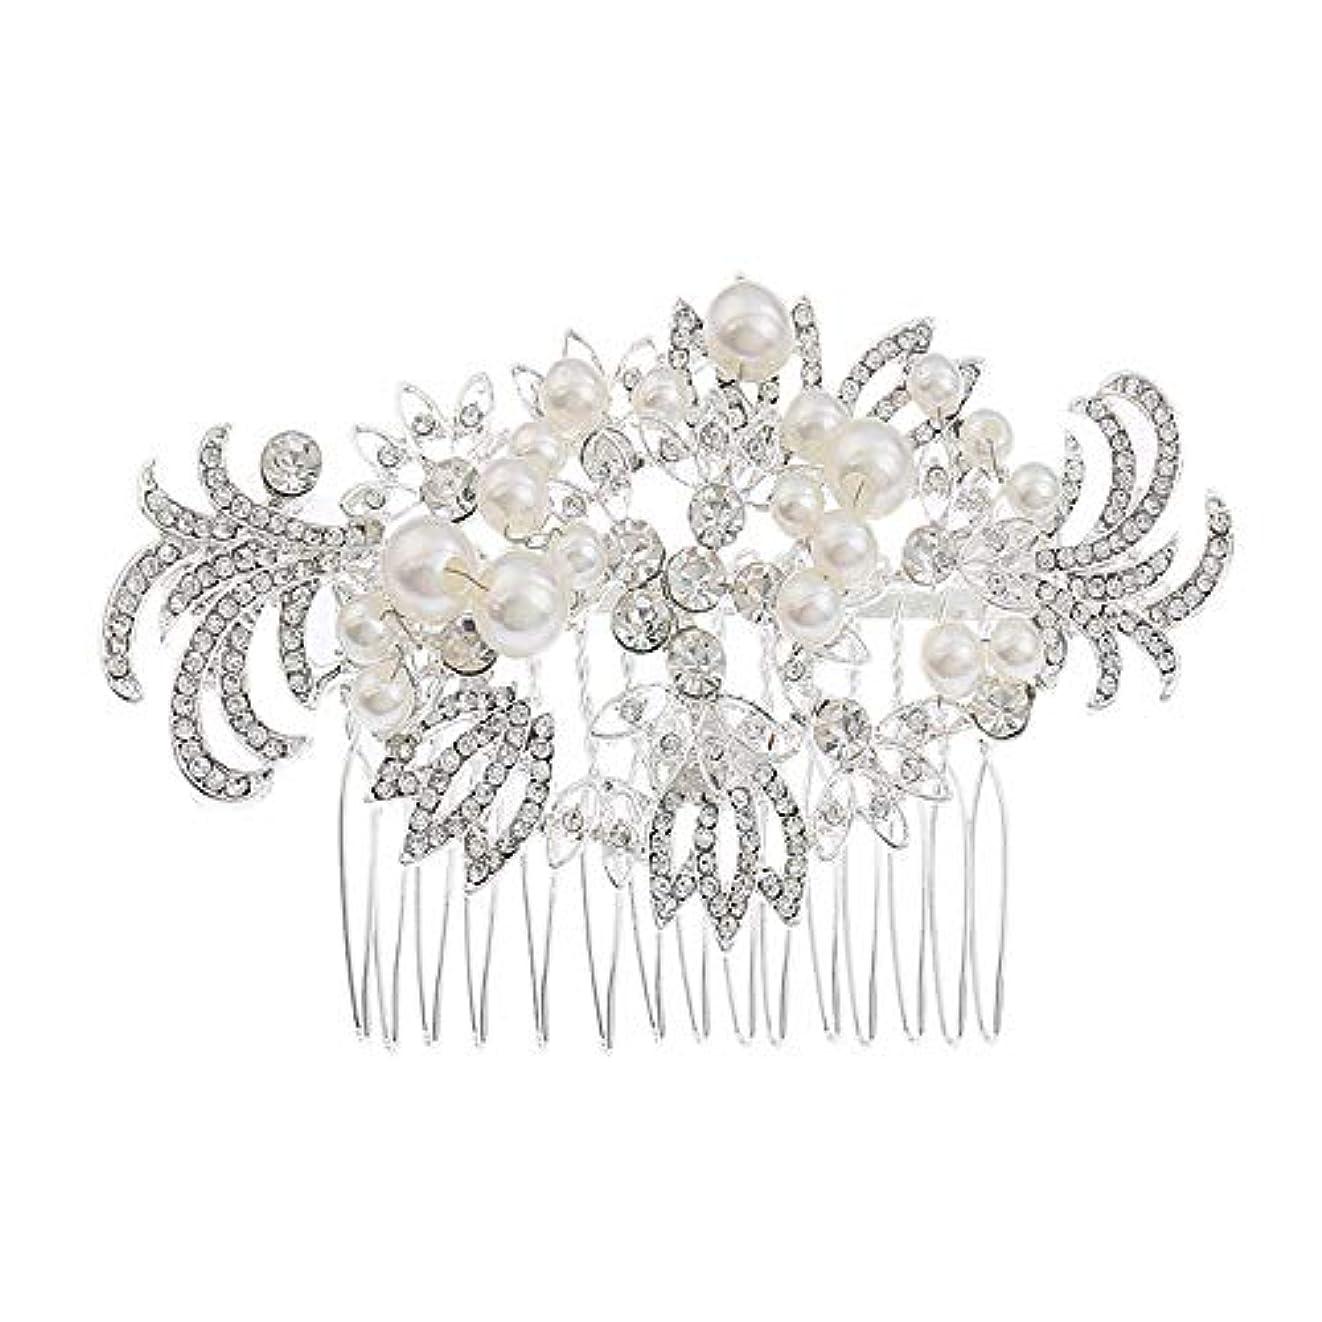 アッパー影響力のある好戦的な髪の櫛挿入櫛花嫁の髪櫛真珠の髪の櫛ラインストーンの髪の櫛結婚式のヘアアクセサリー合金の帽子ブライダルヘッドドレス